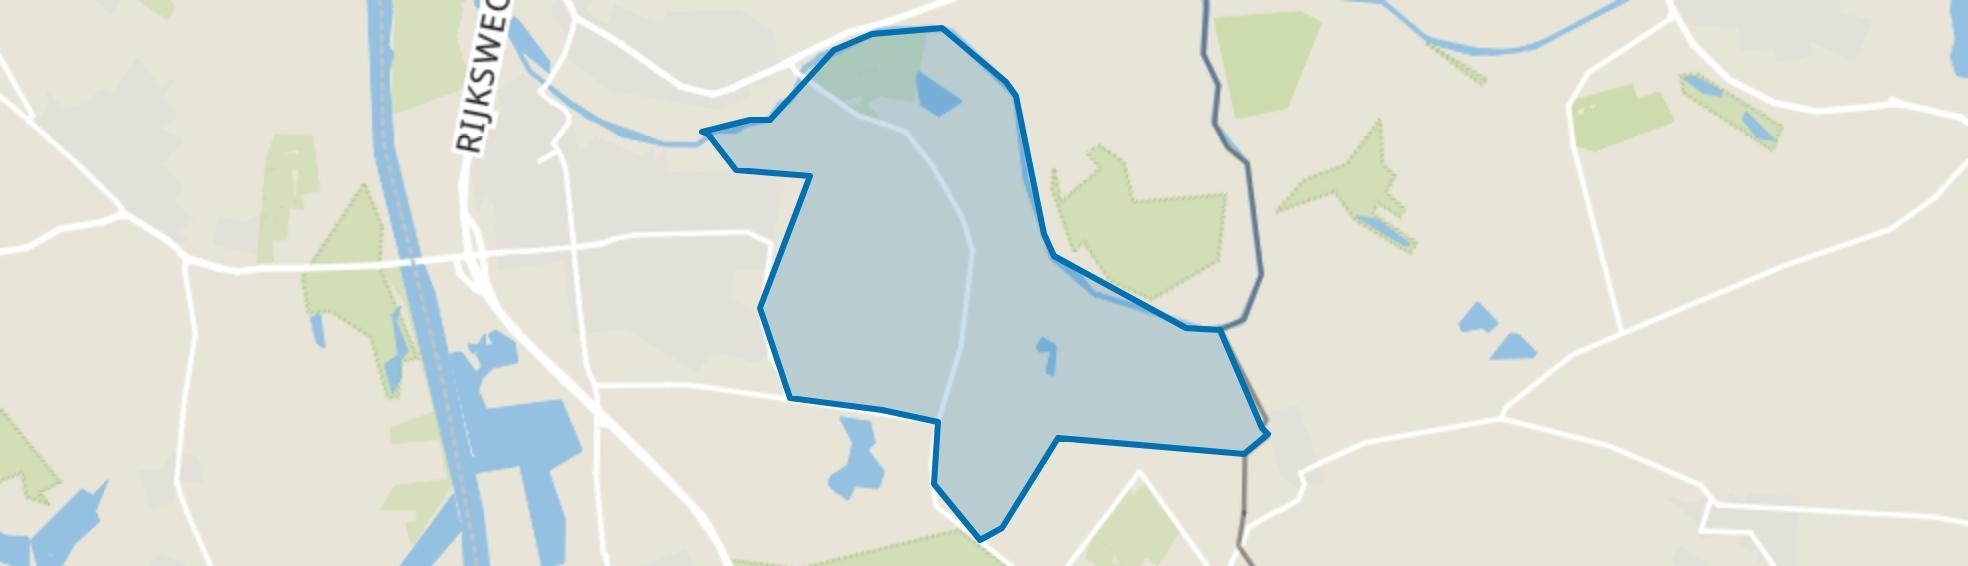 Looierheide, Ottersum map